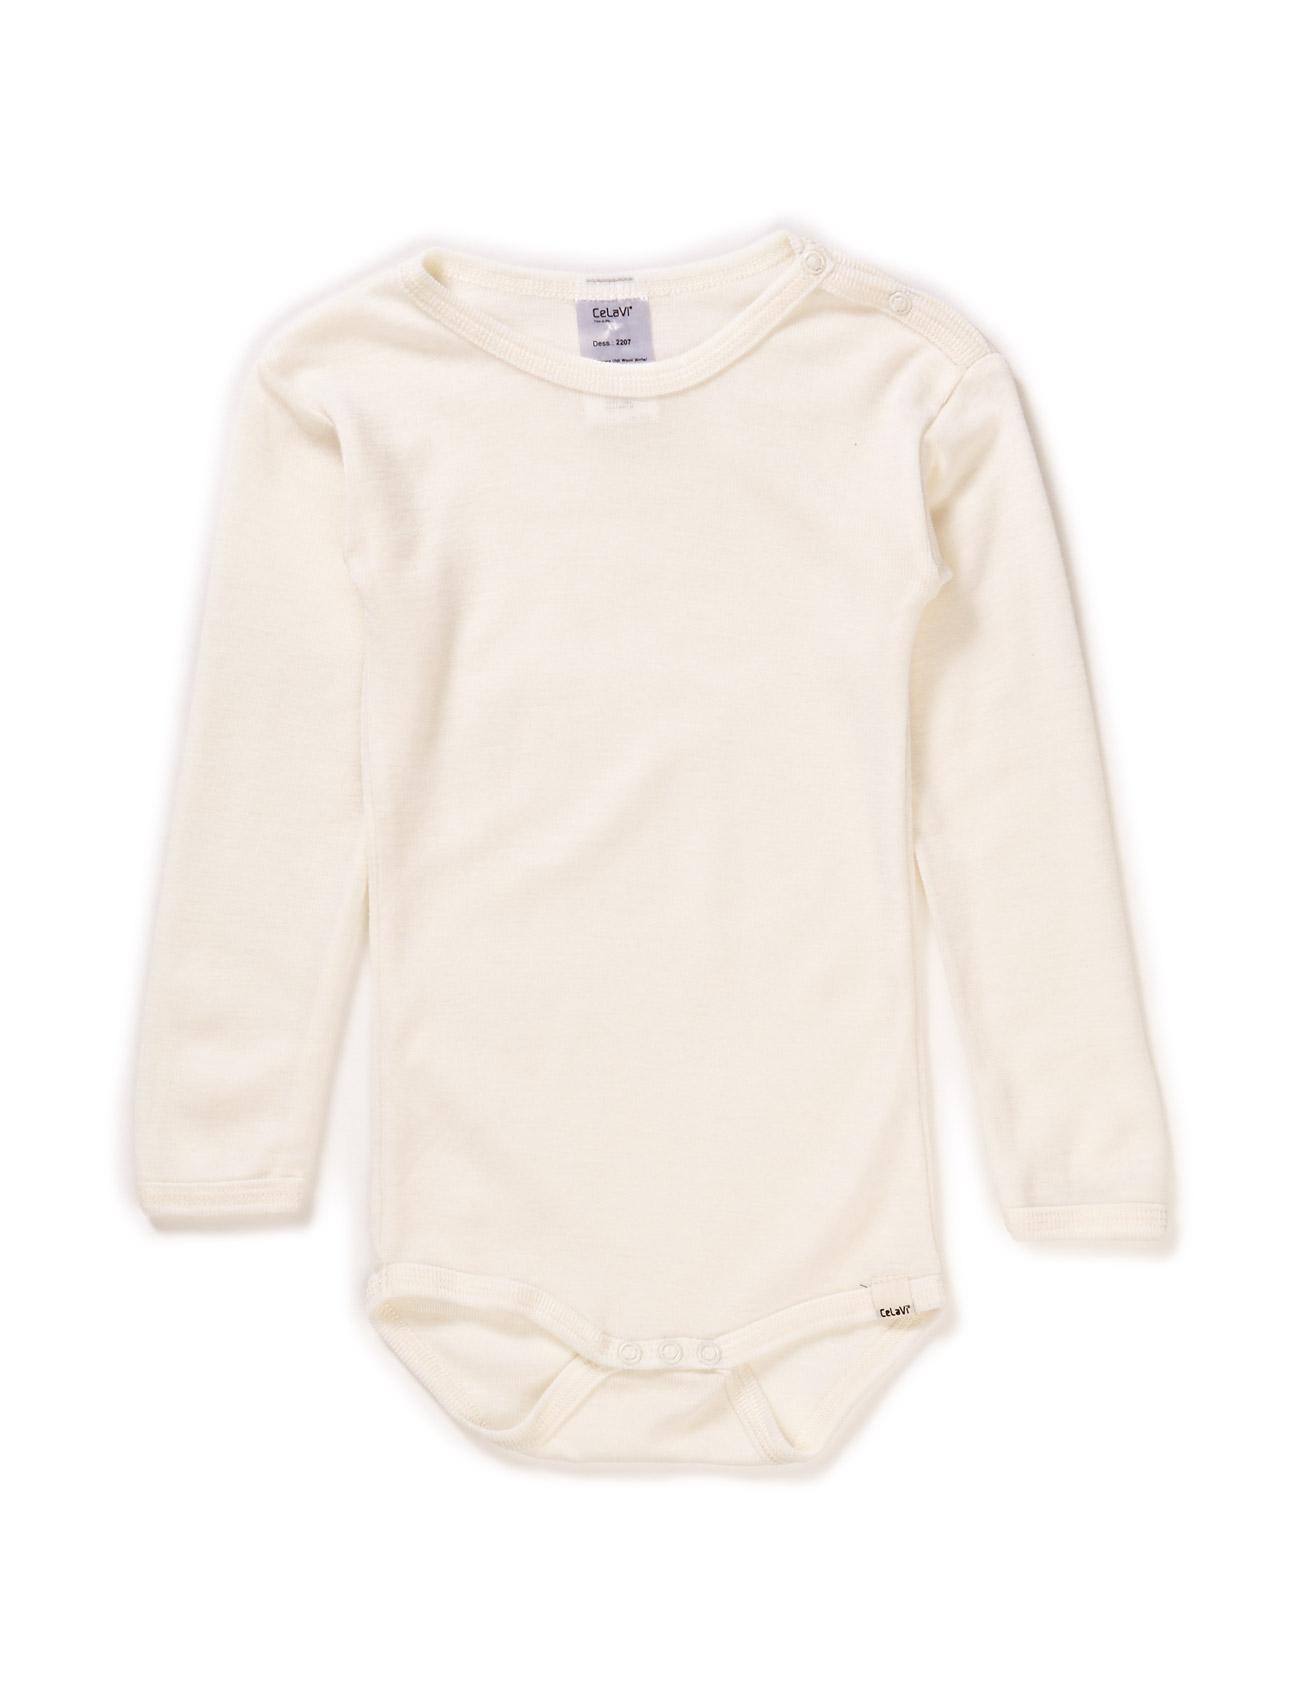 Body Ls - Basic Wool CeLaVi Langærmede bodies til Børn i Råhvid